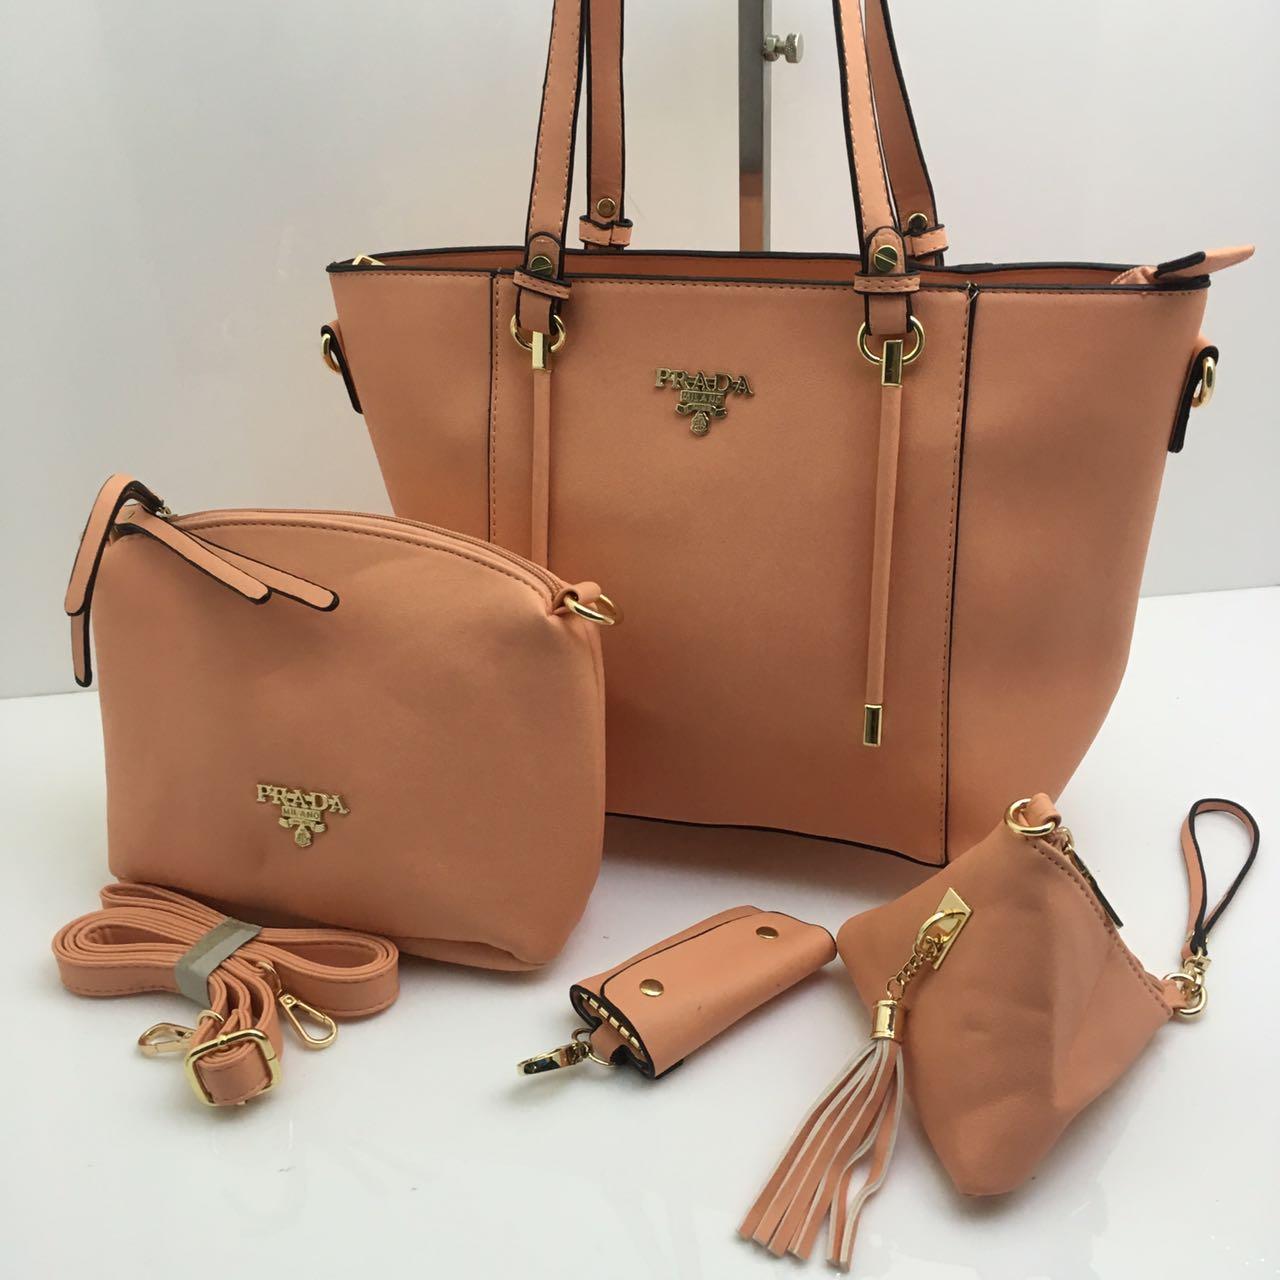 f0358a972fa4 promo code prada bags combo e1d64 77b0b